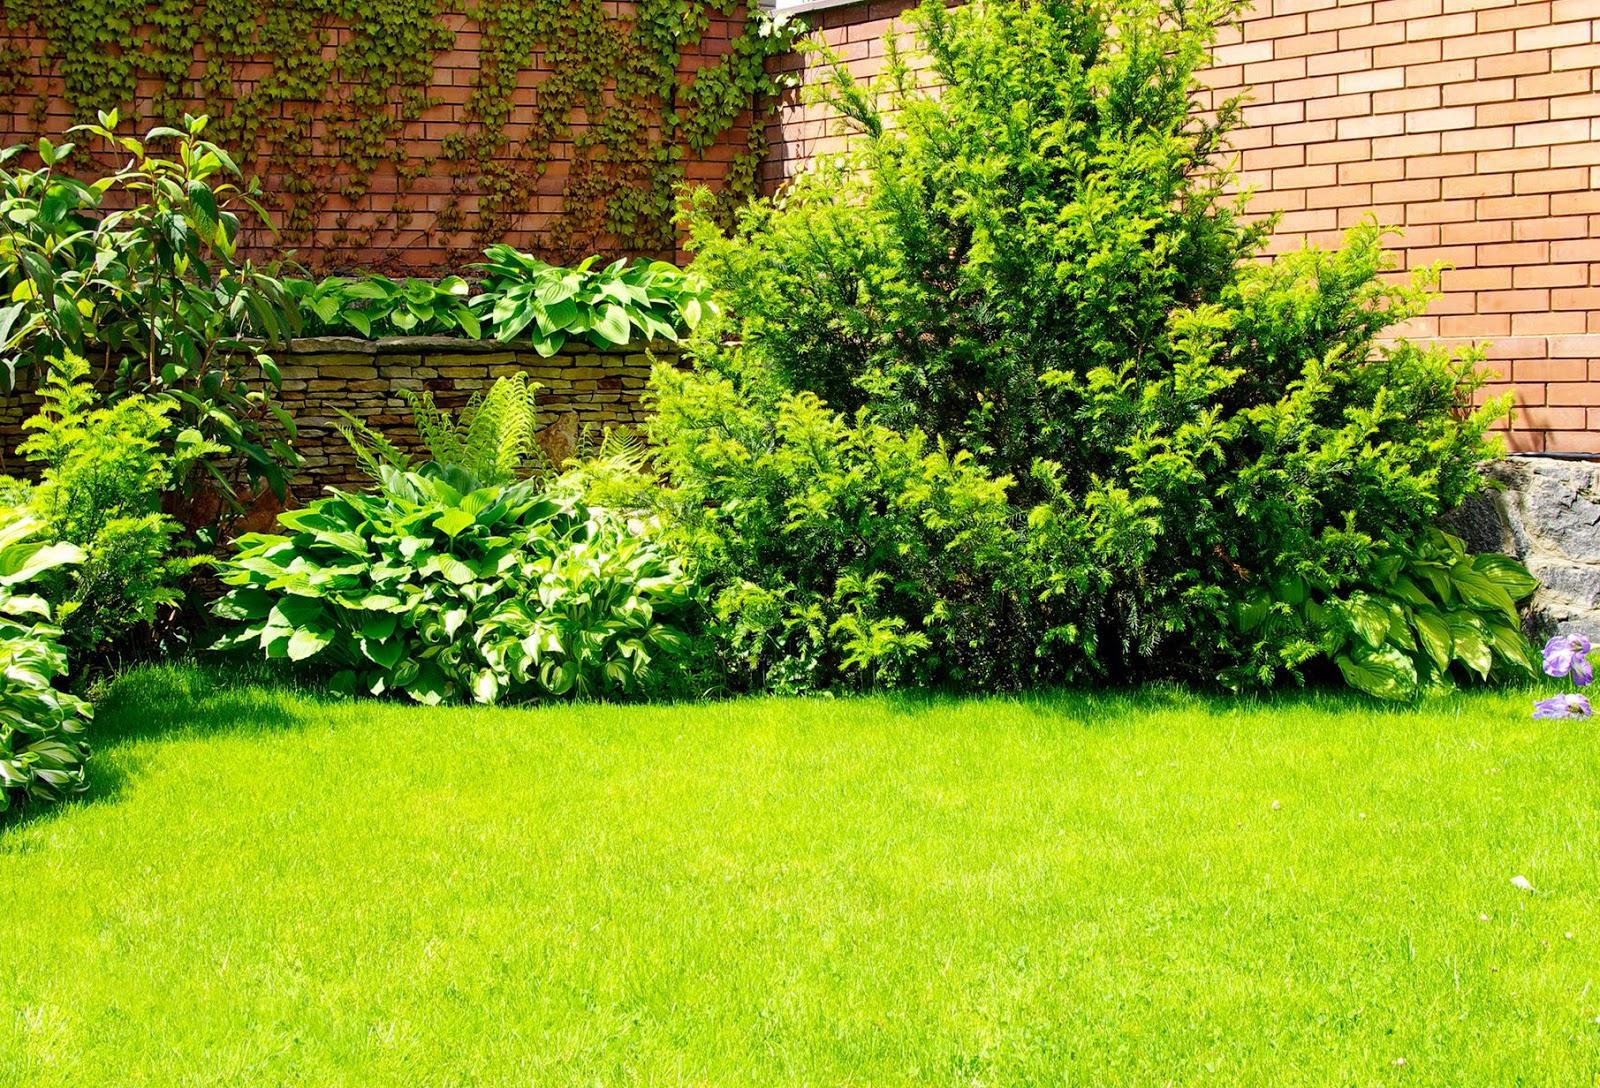 Banco de im genes 9 fotos de jardines dise o exterior plantas y flores - Plantas de jardin exterior ...